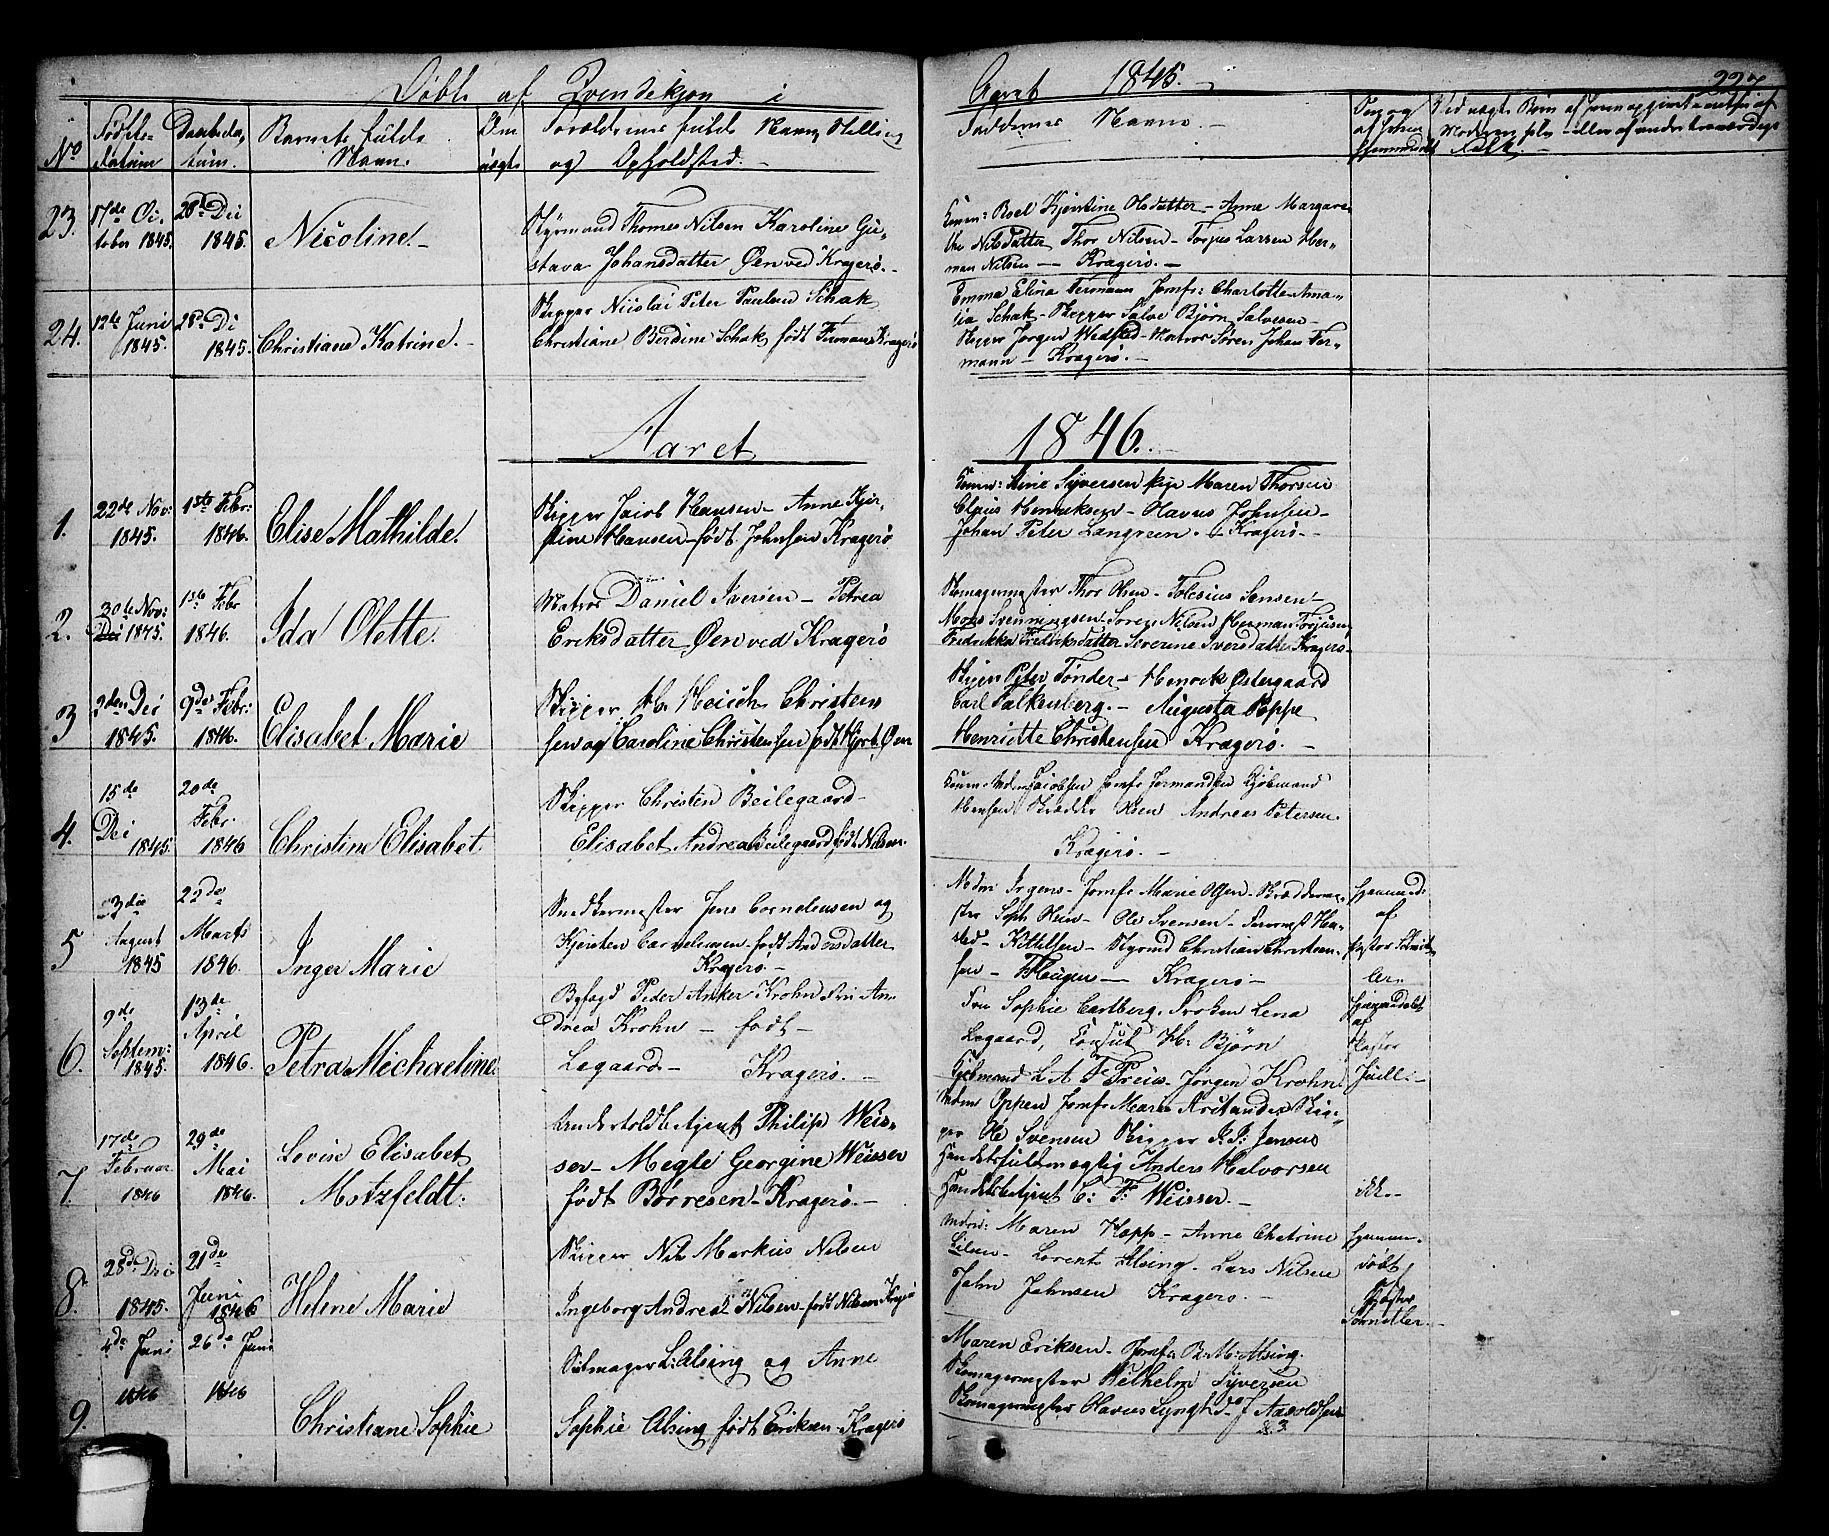 SAKO, Kragerø kirkebøker, G/Ga/L0003: Klokkerbok nr. 3, 1832-1852, s. 227